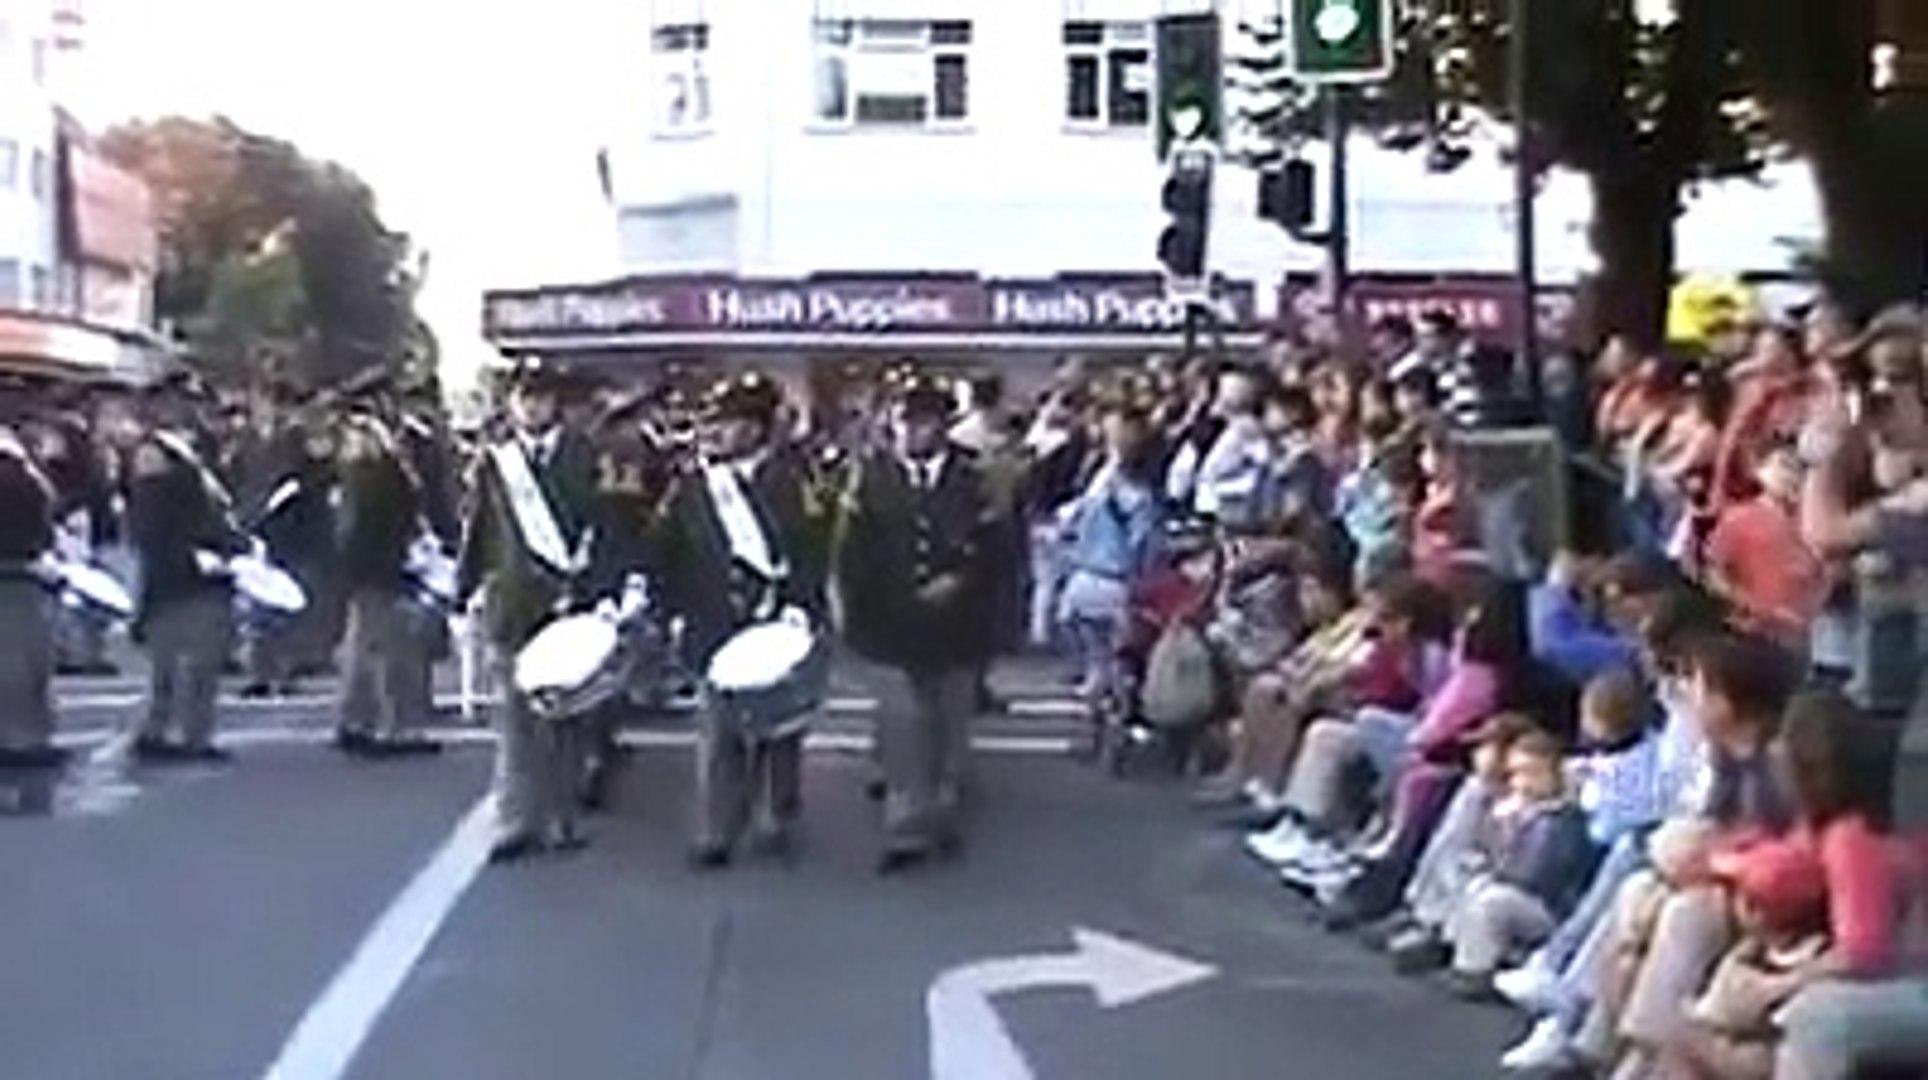 Banda De Honor del Cuerpo de Bomberos de Valdivia. Encajonamiento